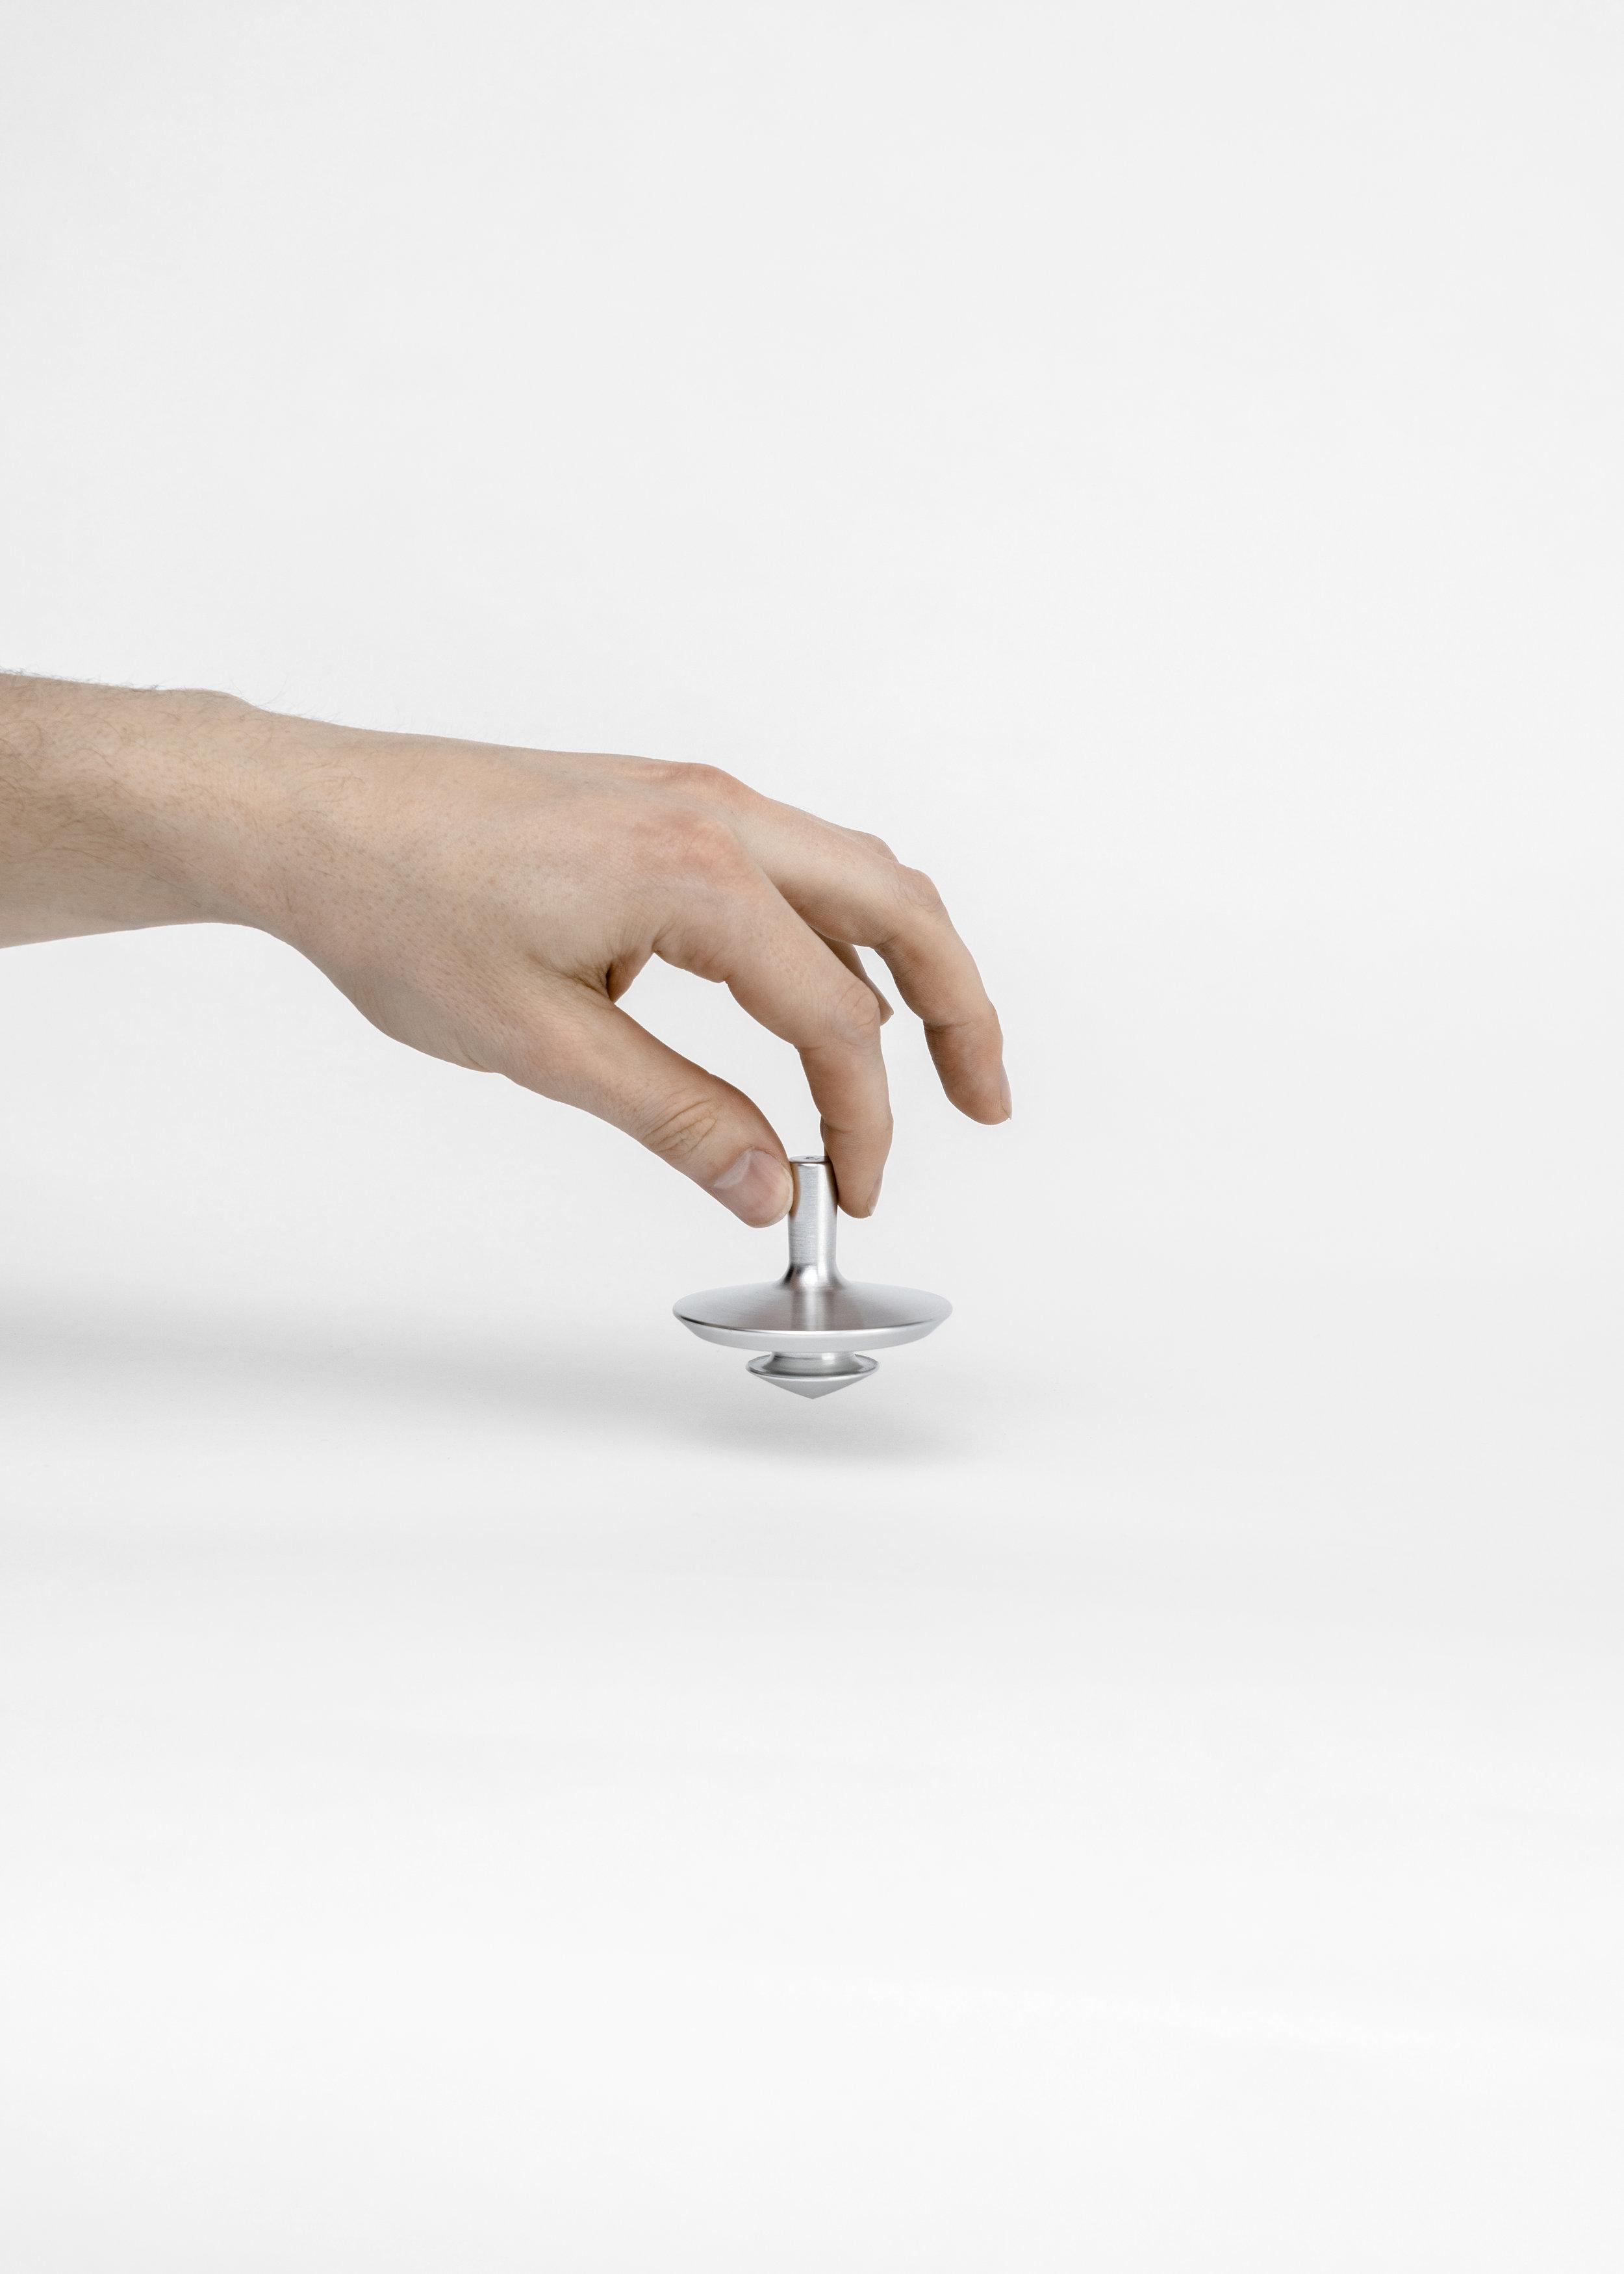 spin-bottle-opener-hand-nicholas-baker